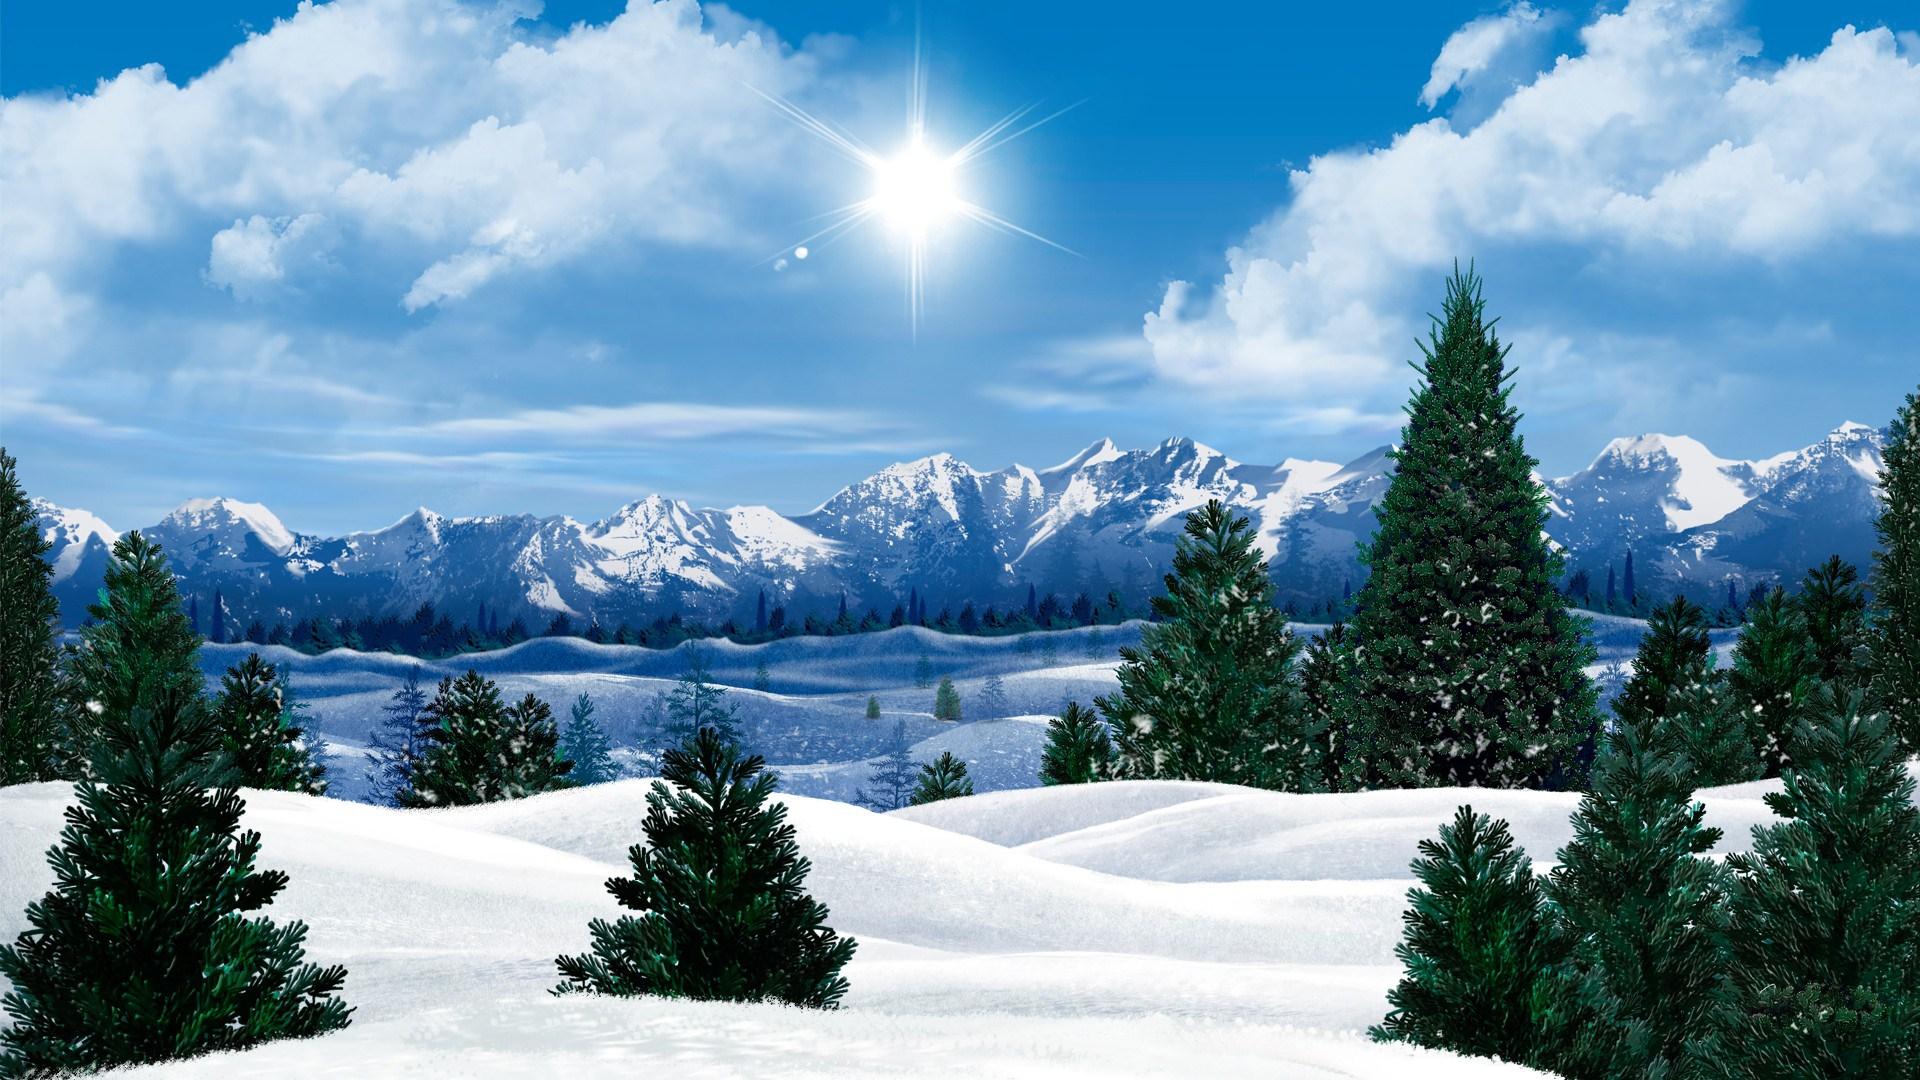 Winter full hd sfondo and sfondo 1920x1080 id 470127 for Sfondi 1920x1080